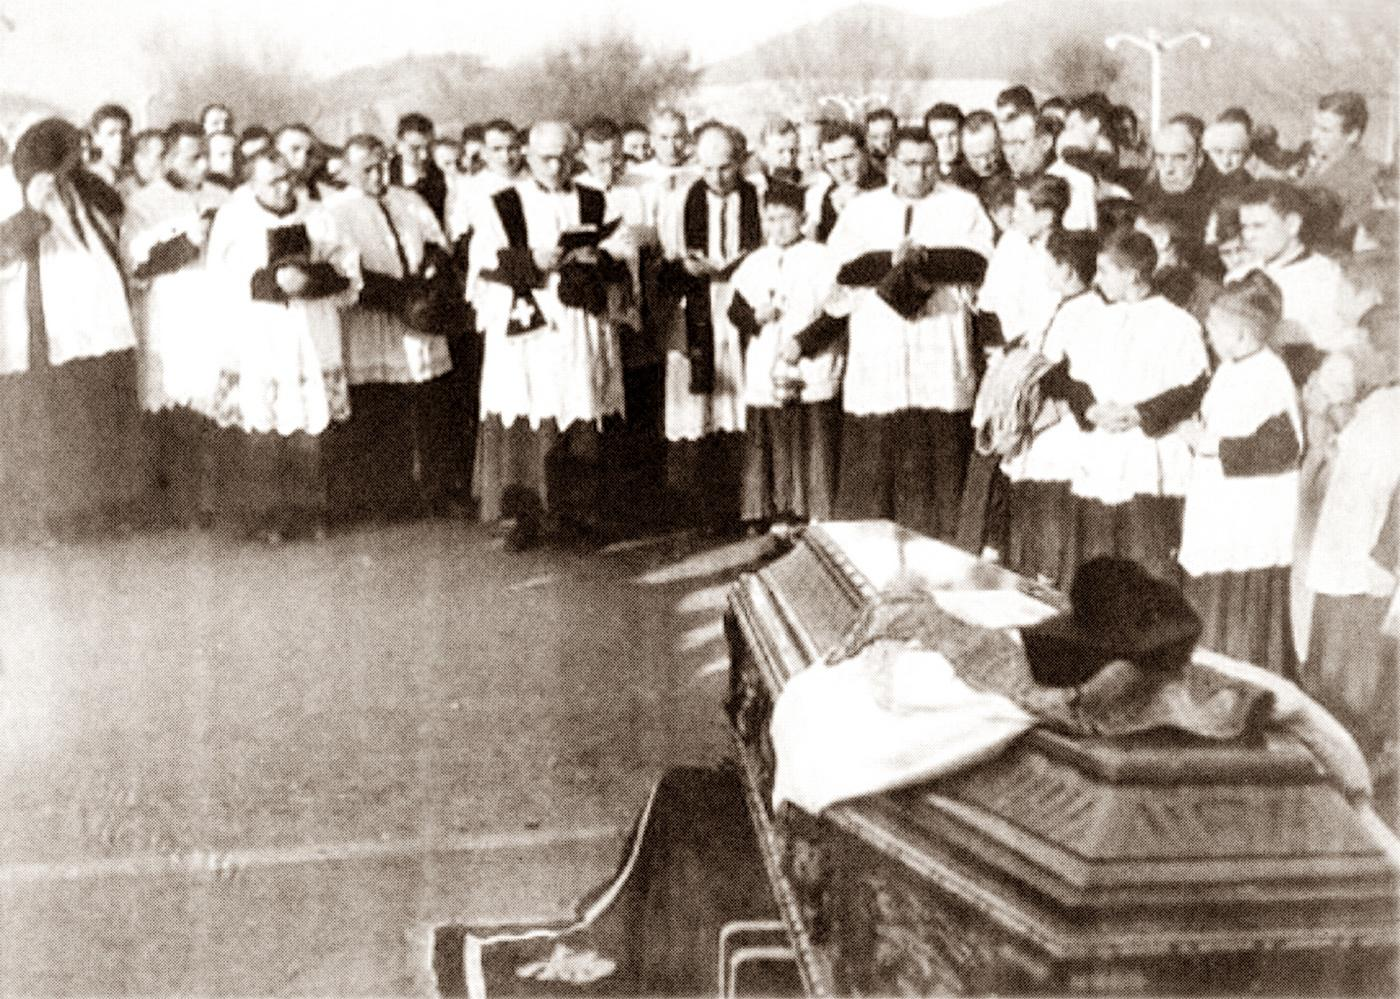 Battaglia Terme, 1951. Benedizione della bara con le spoglie del parroco, don Marco Romano.